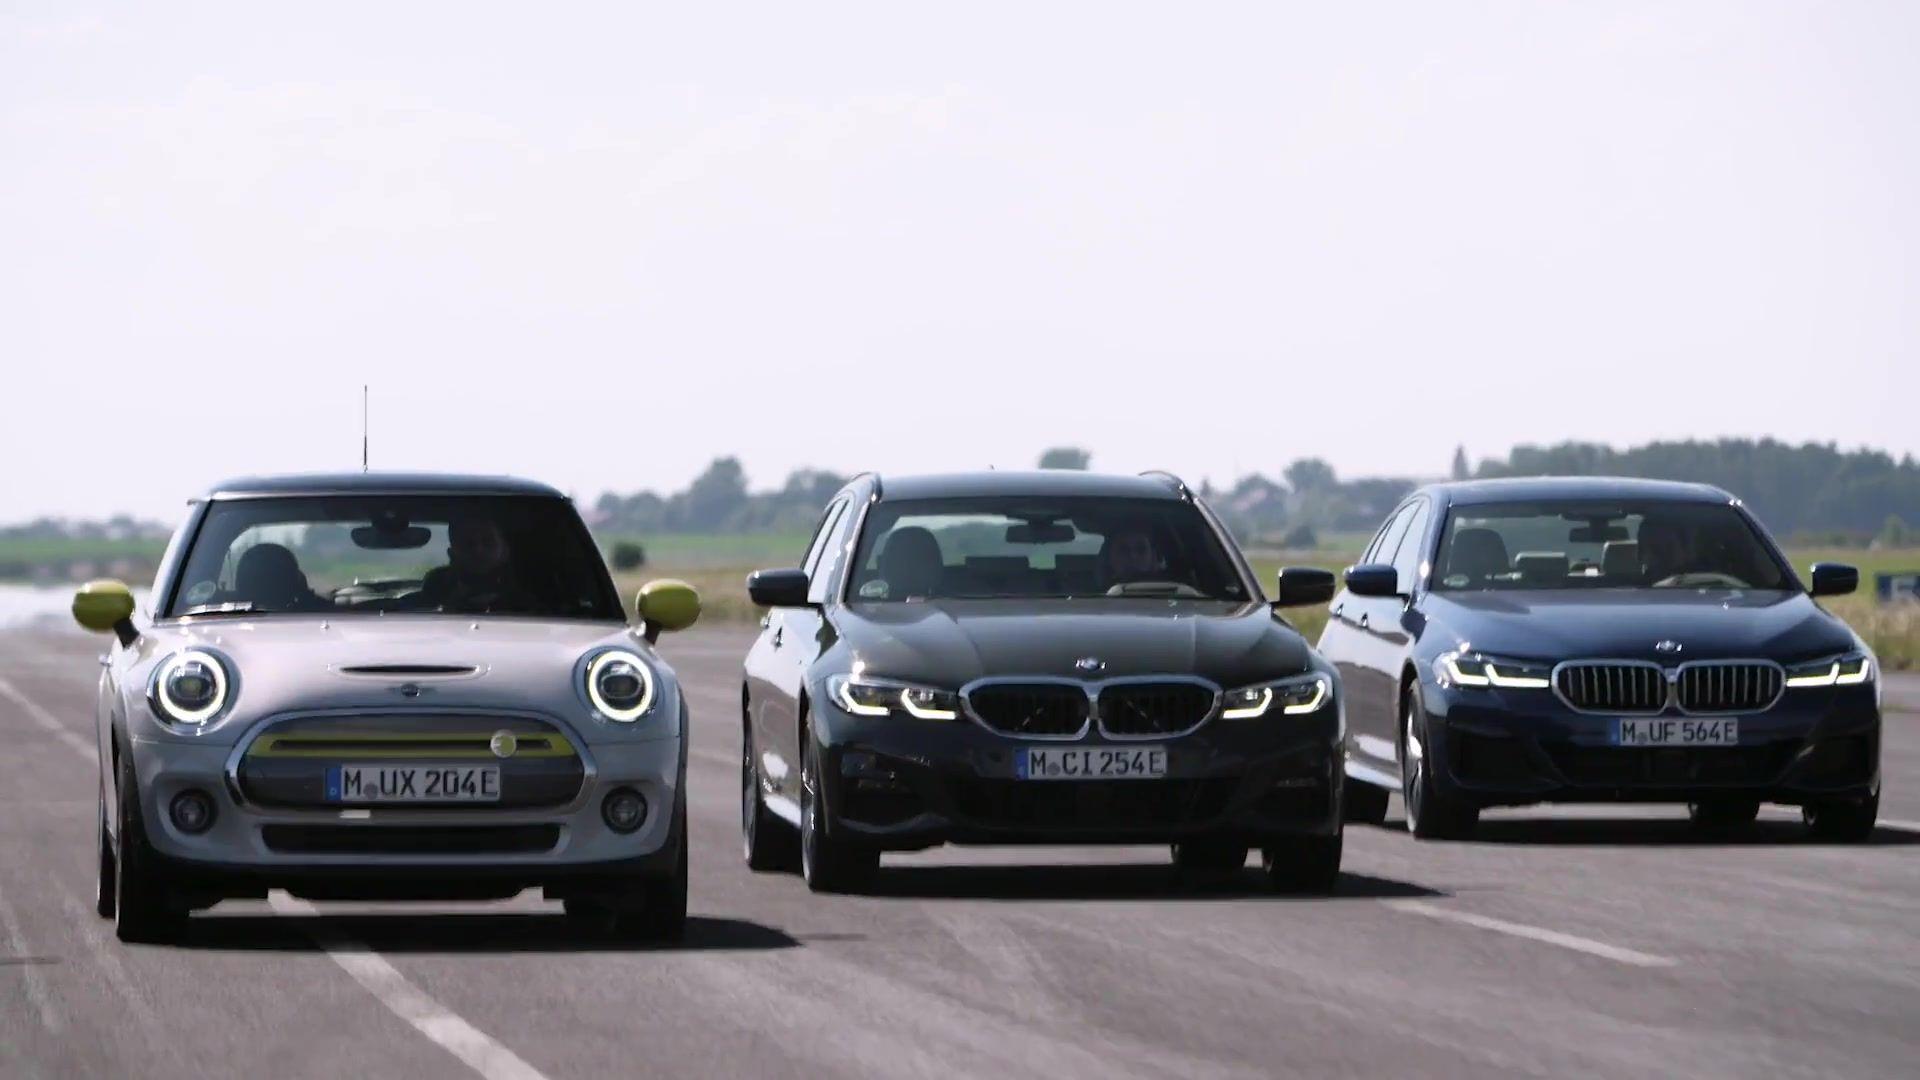 Pure Fahrfreude, reiner Fahrspaß – Vollelektrische Mobilität mit dem BMW iX3, dem BMW i3 und dem MINI Cooper SE